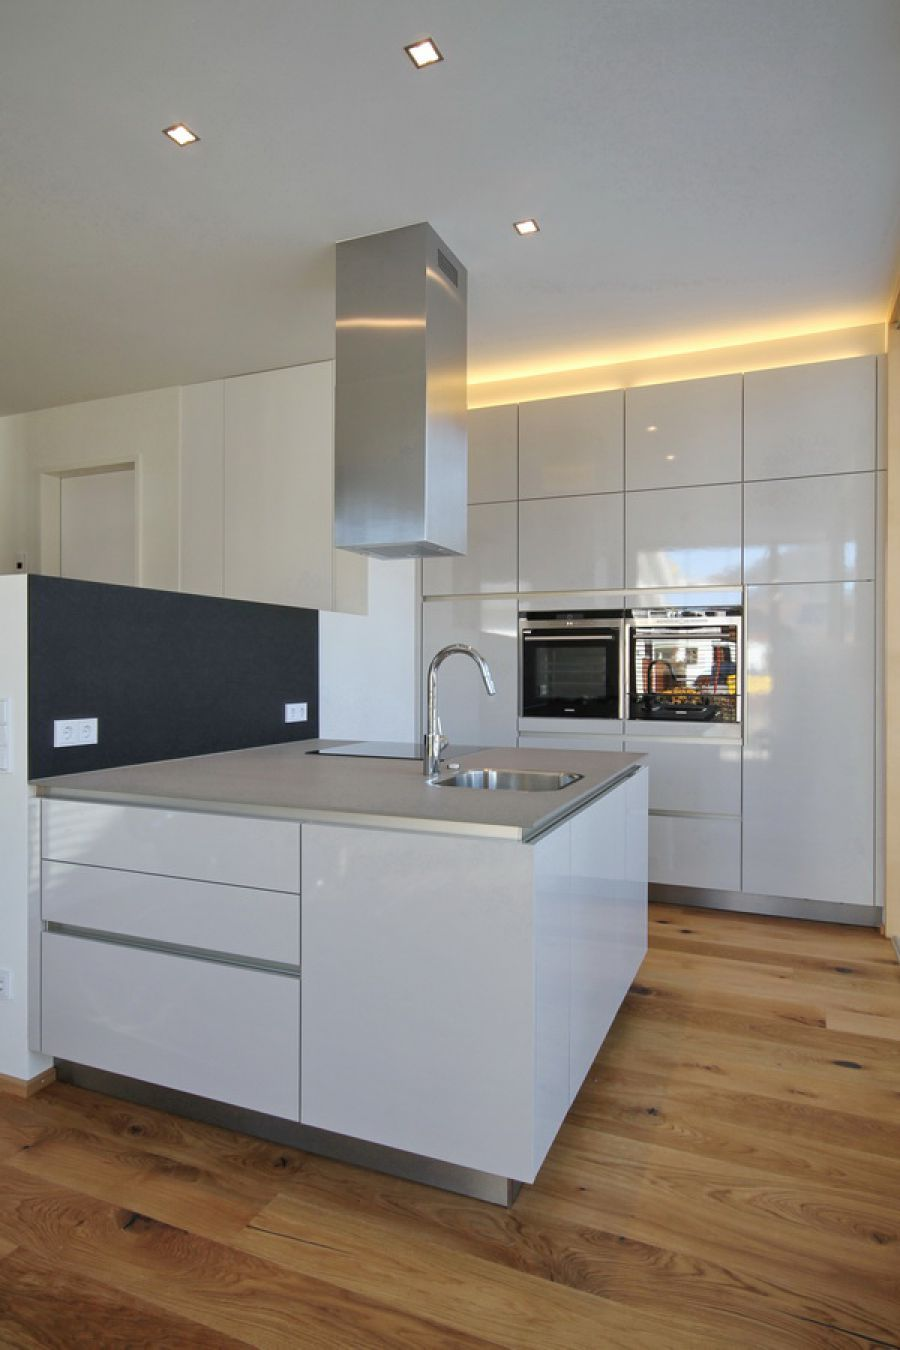 siematic küchen - Google-Suche  Siematic küche, Wohnung küche